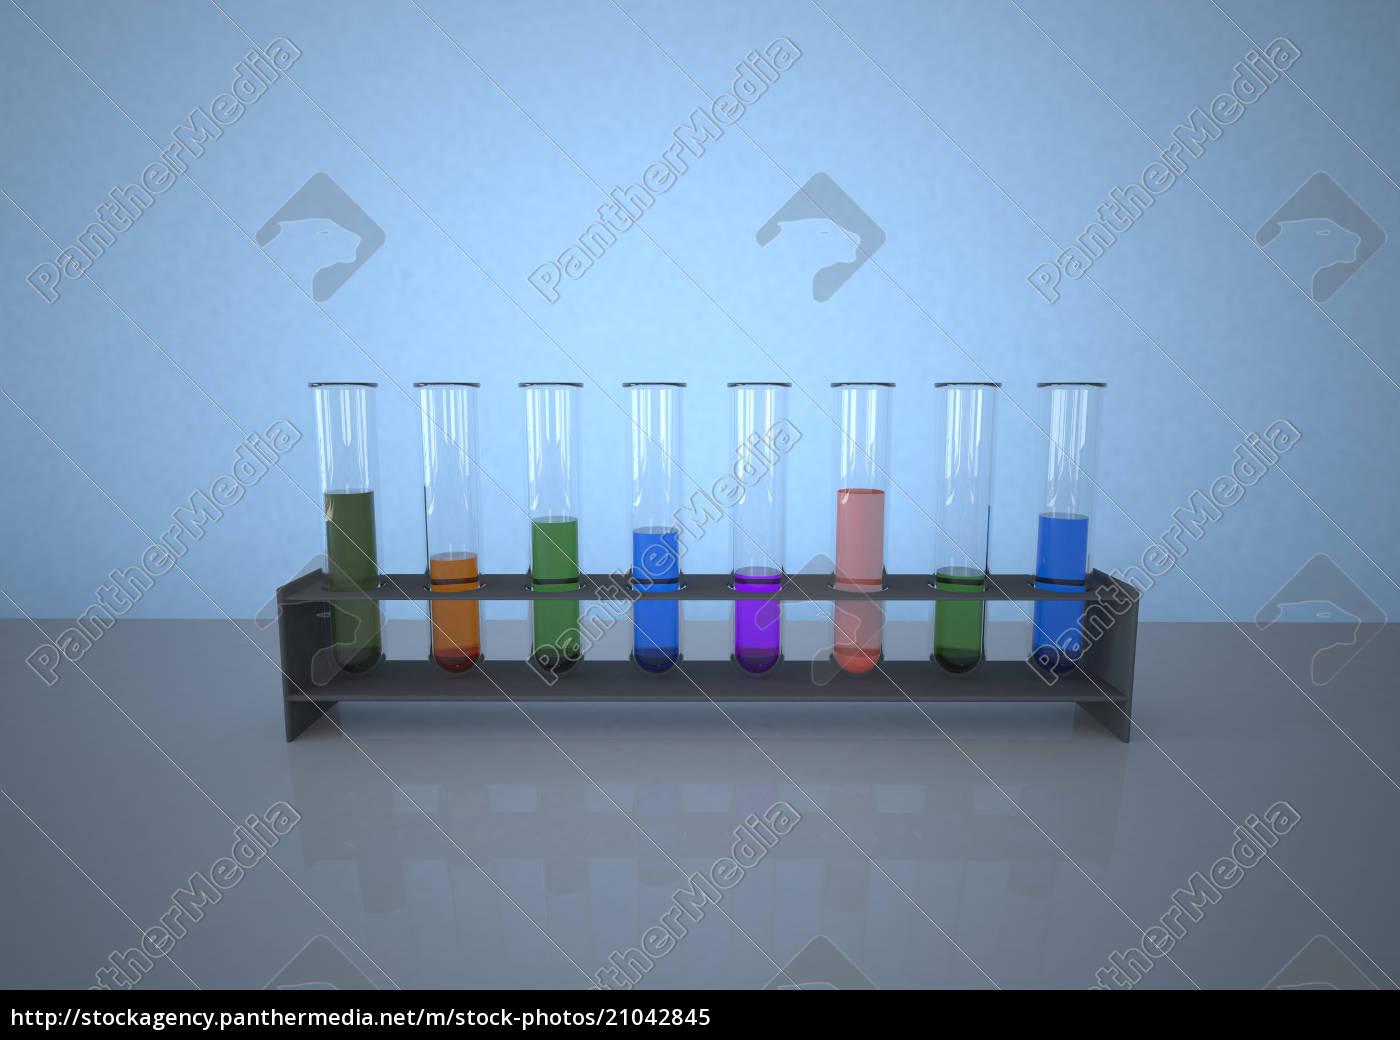 bunte, reagenzgläser, in, rack, vor, blauem - 21042845